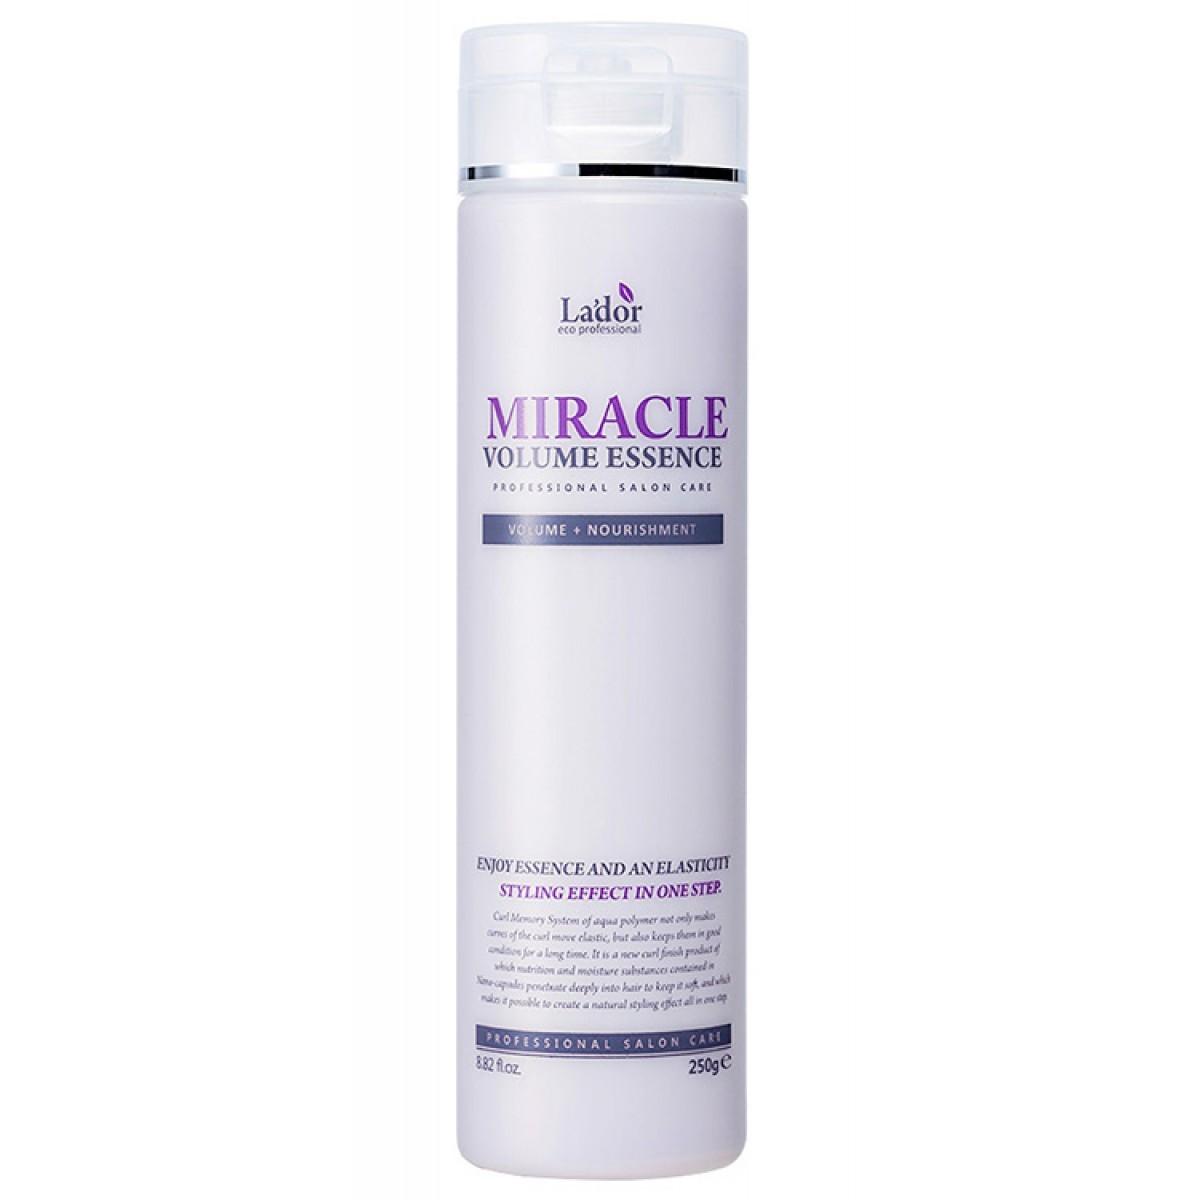 Ессенция для волос Эссенция для волос увлажняющая для фиксации и объема волос Miracle Volume Essence 250g uvlagnyayuschaya-essentsiya-dlya-fiksatsii-i-obaema-volos-lador-miracle-volume-essence-250ml-880.jpg